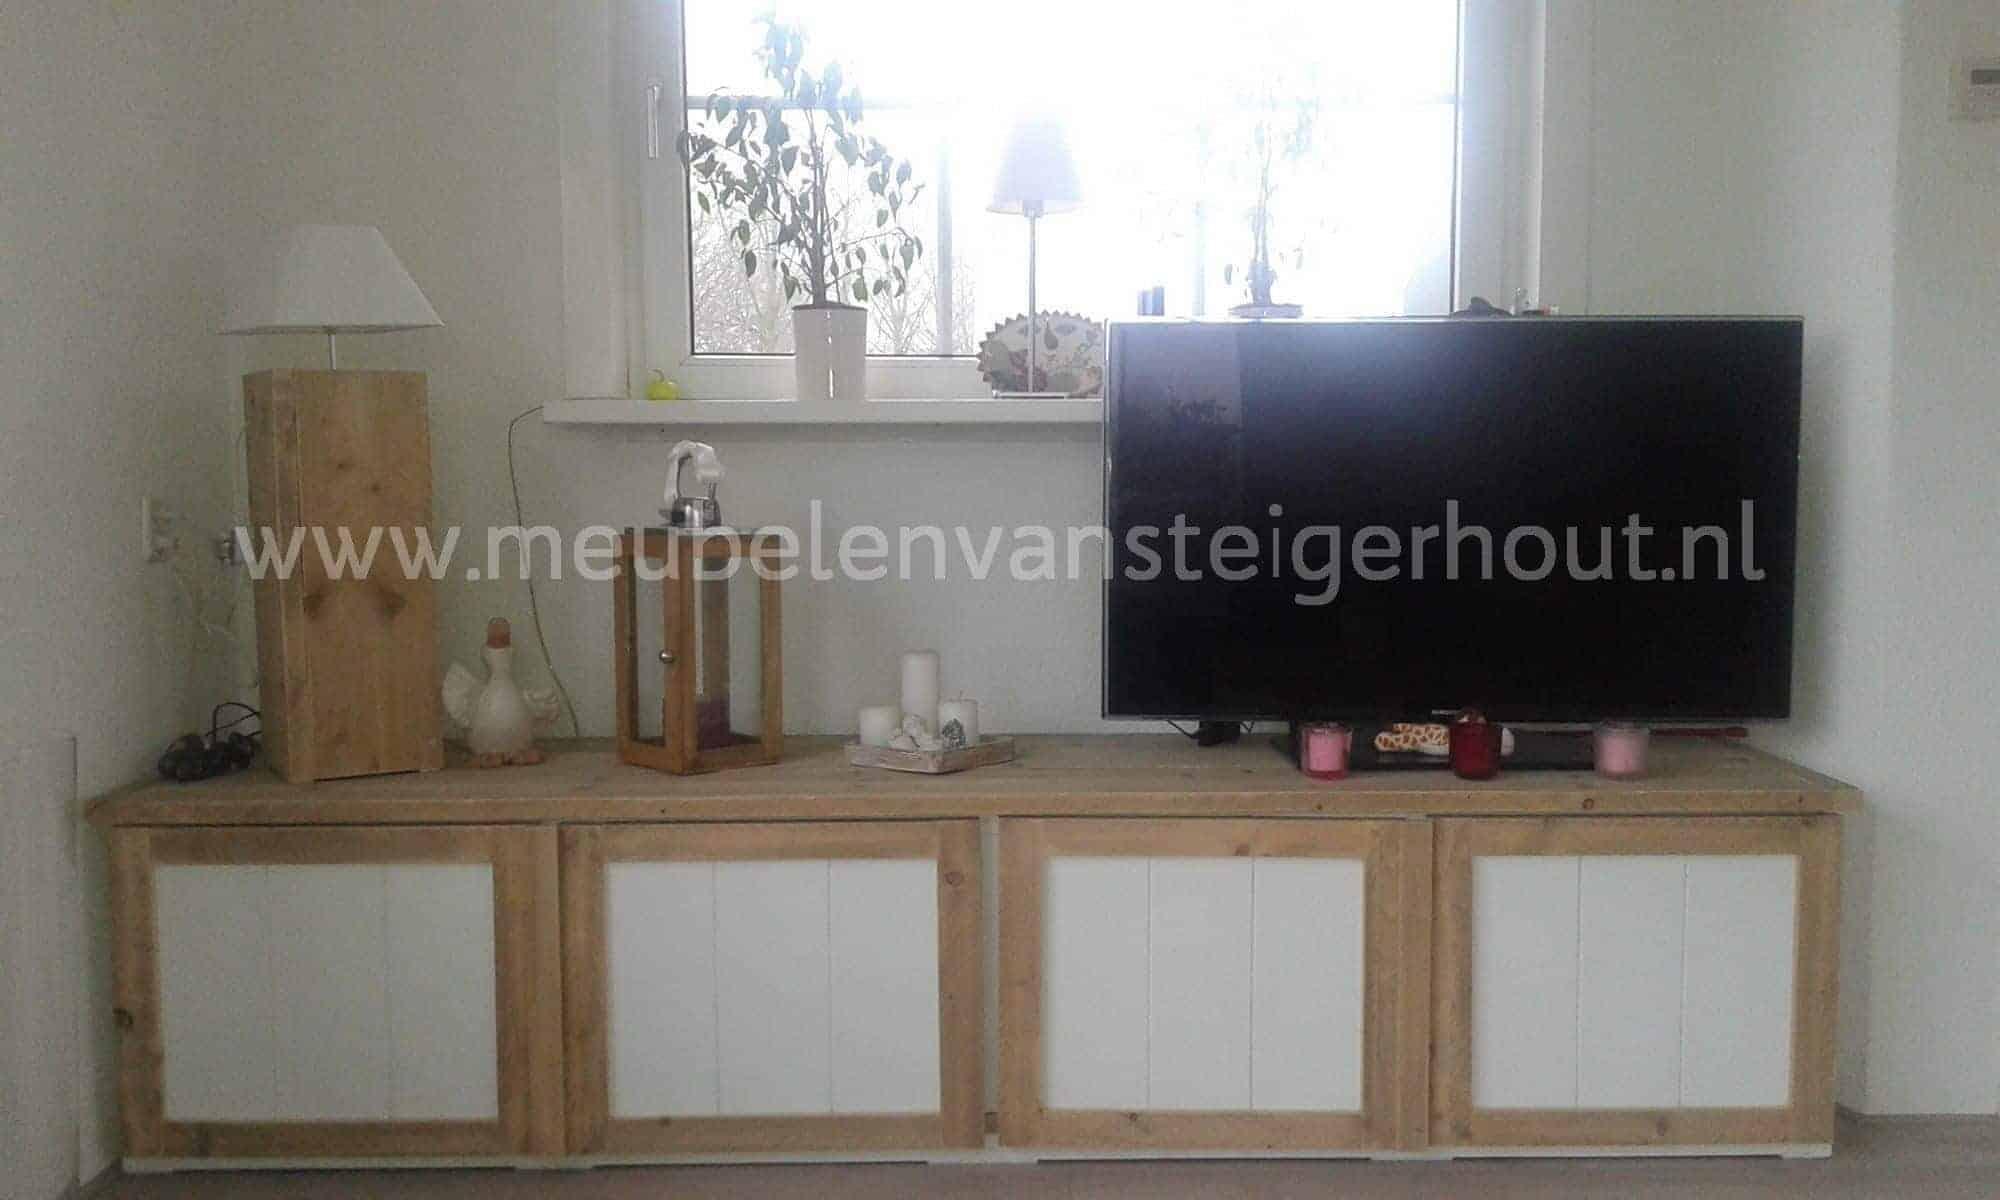 Tv Meubel Kast Steigerhout.Tv Meubel Steigerhout 9 Meubelen Van Steigerhout